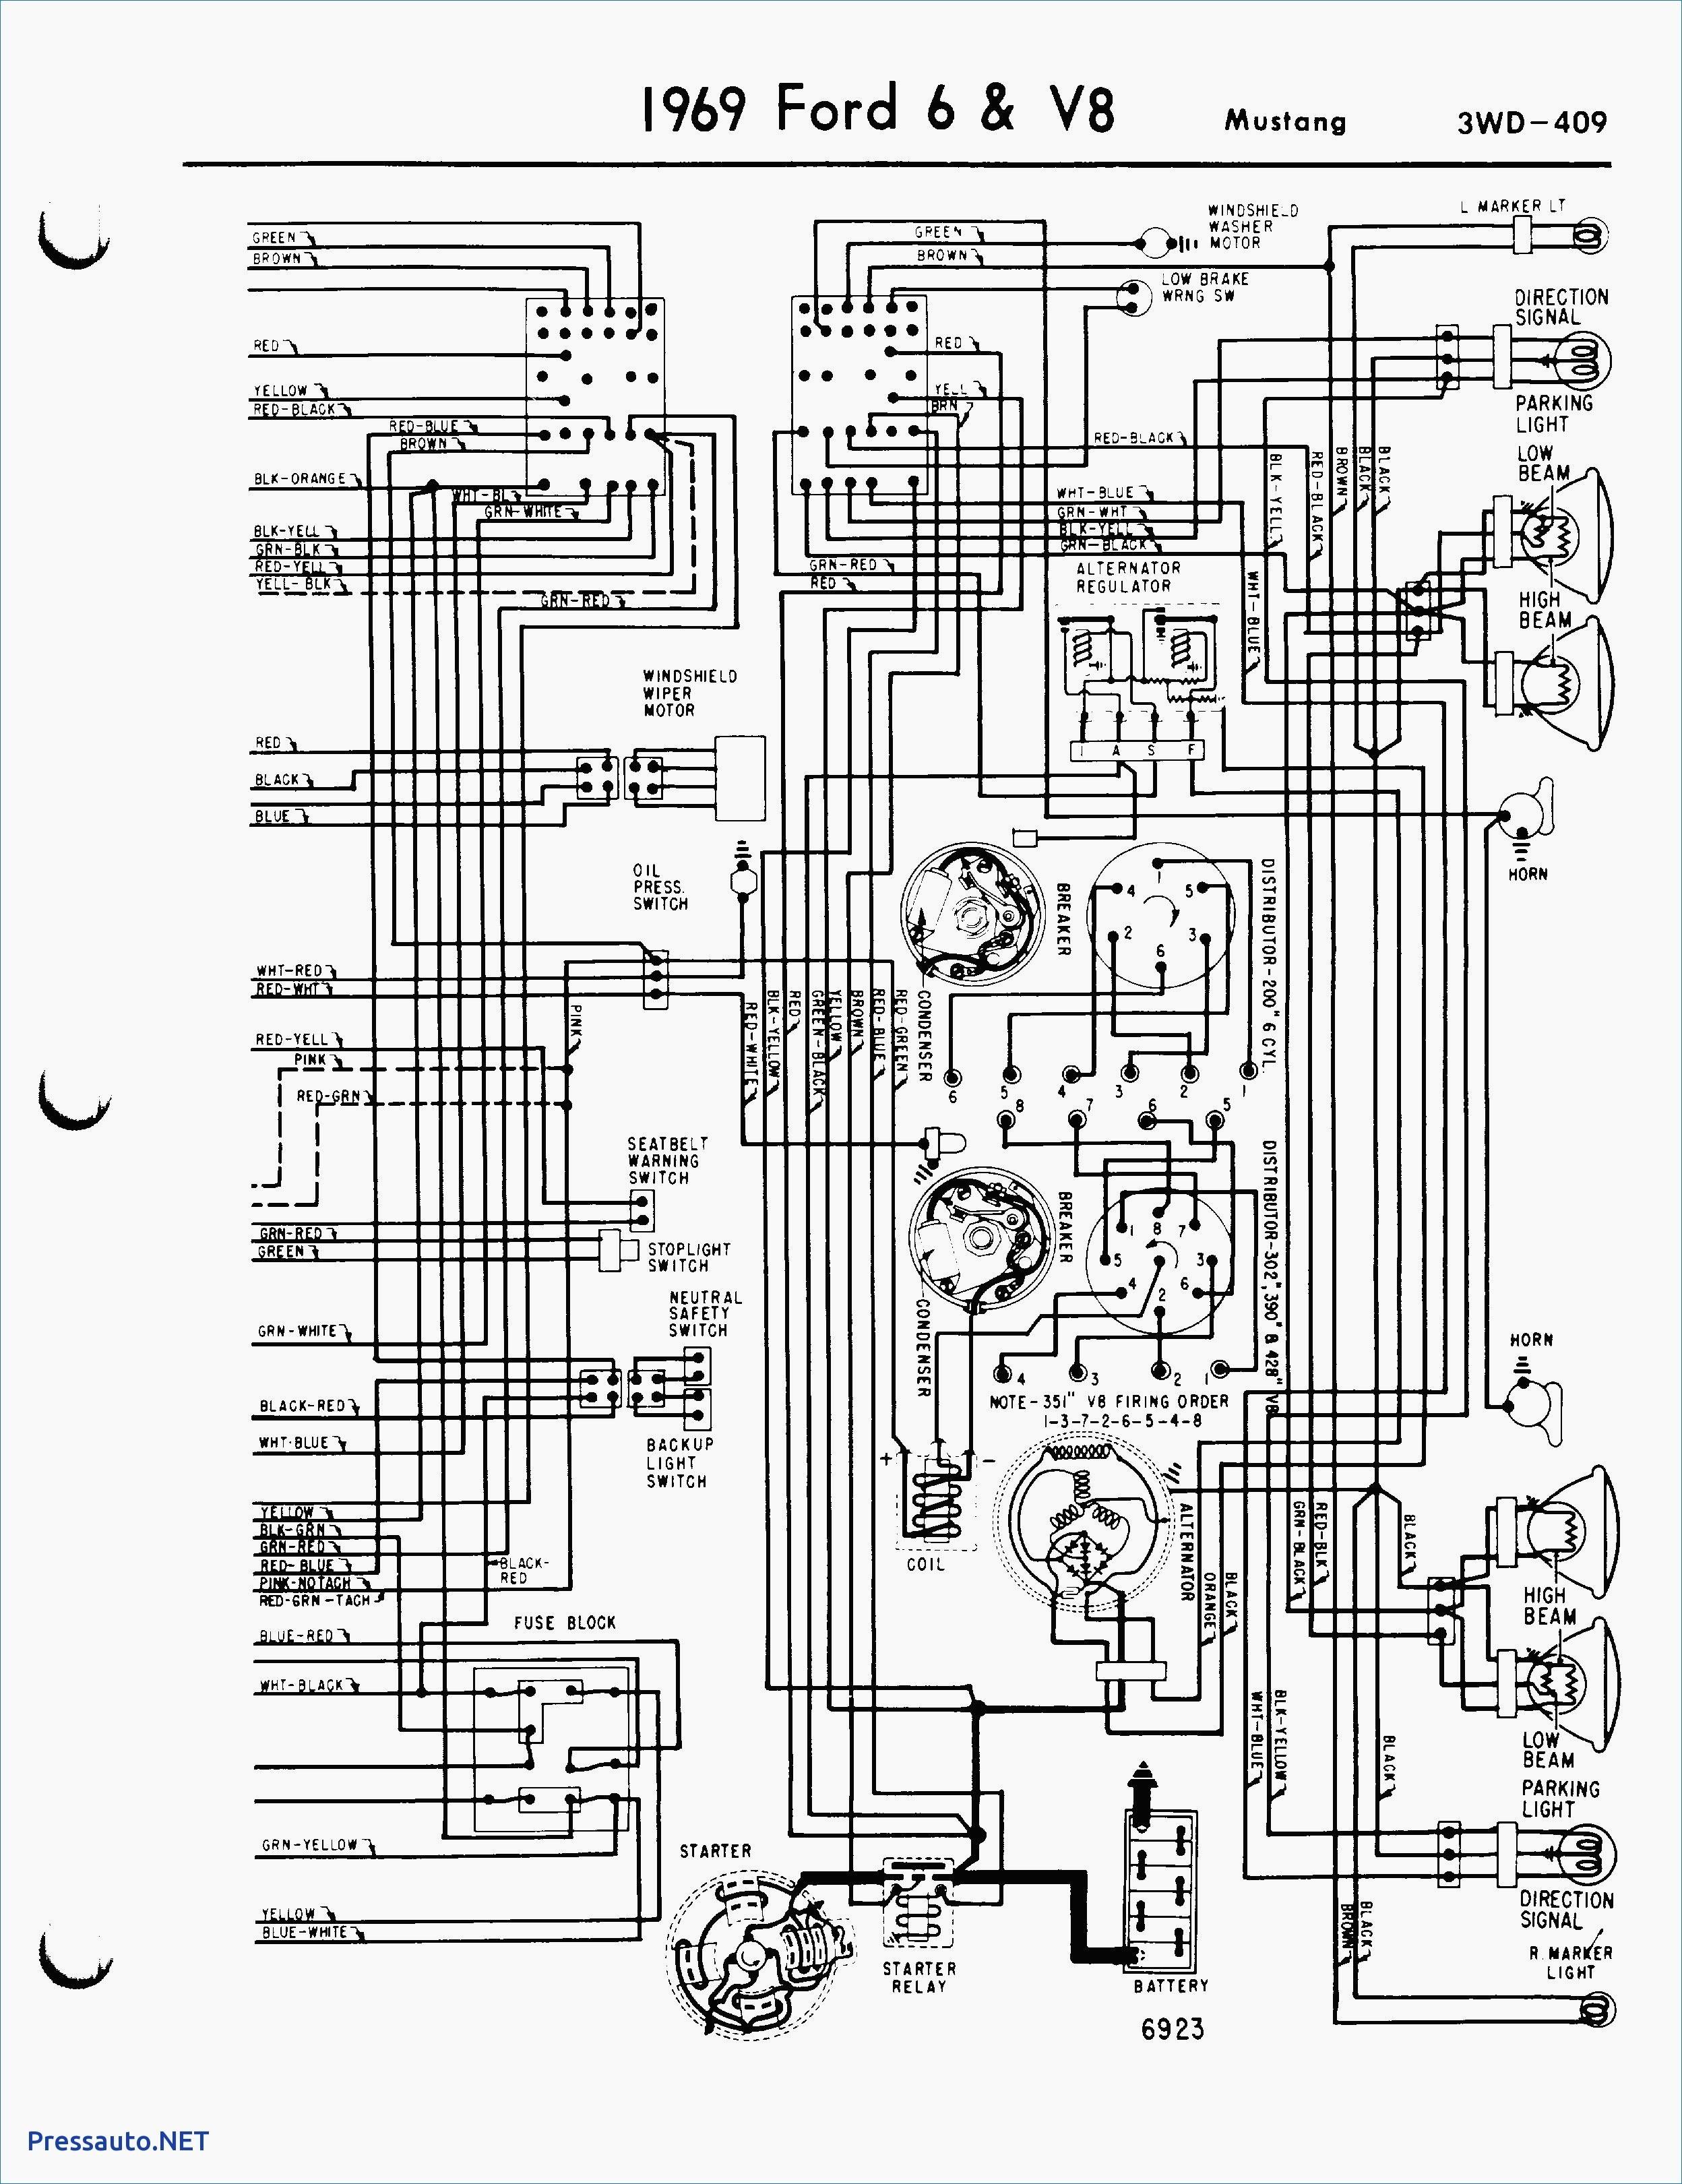 A Four Wire Alternator Wiring